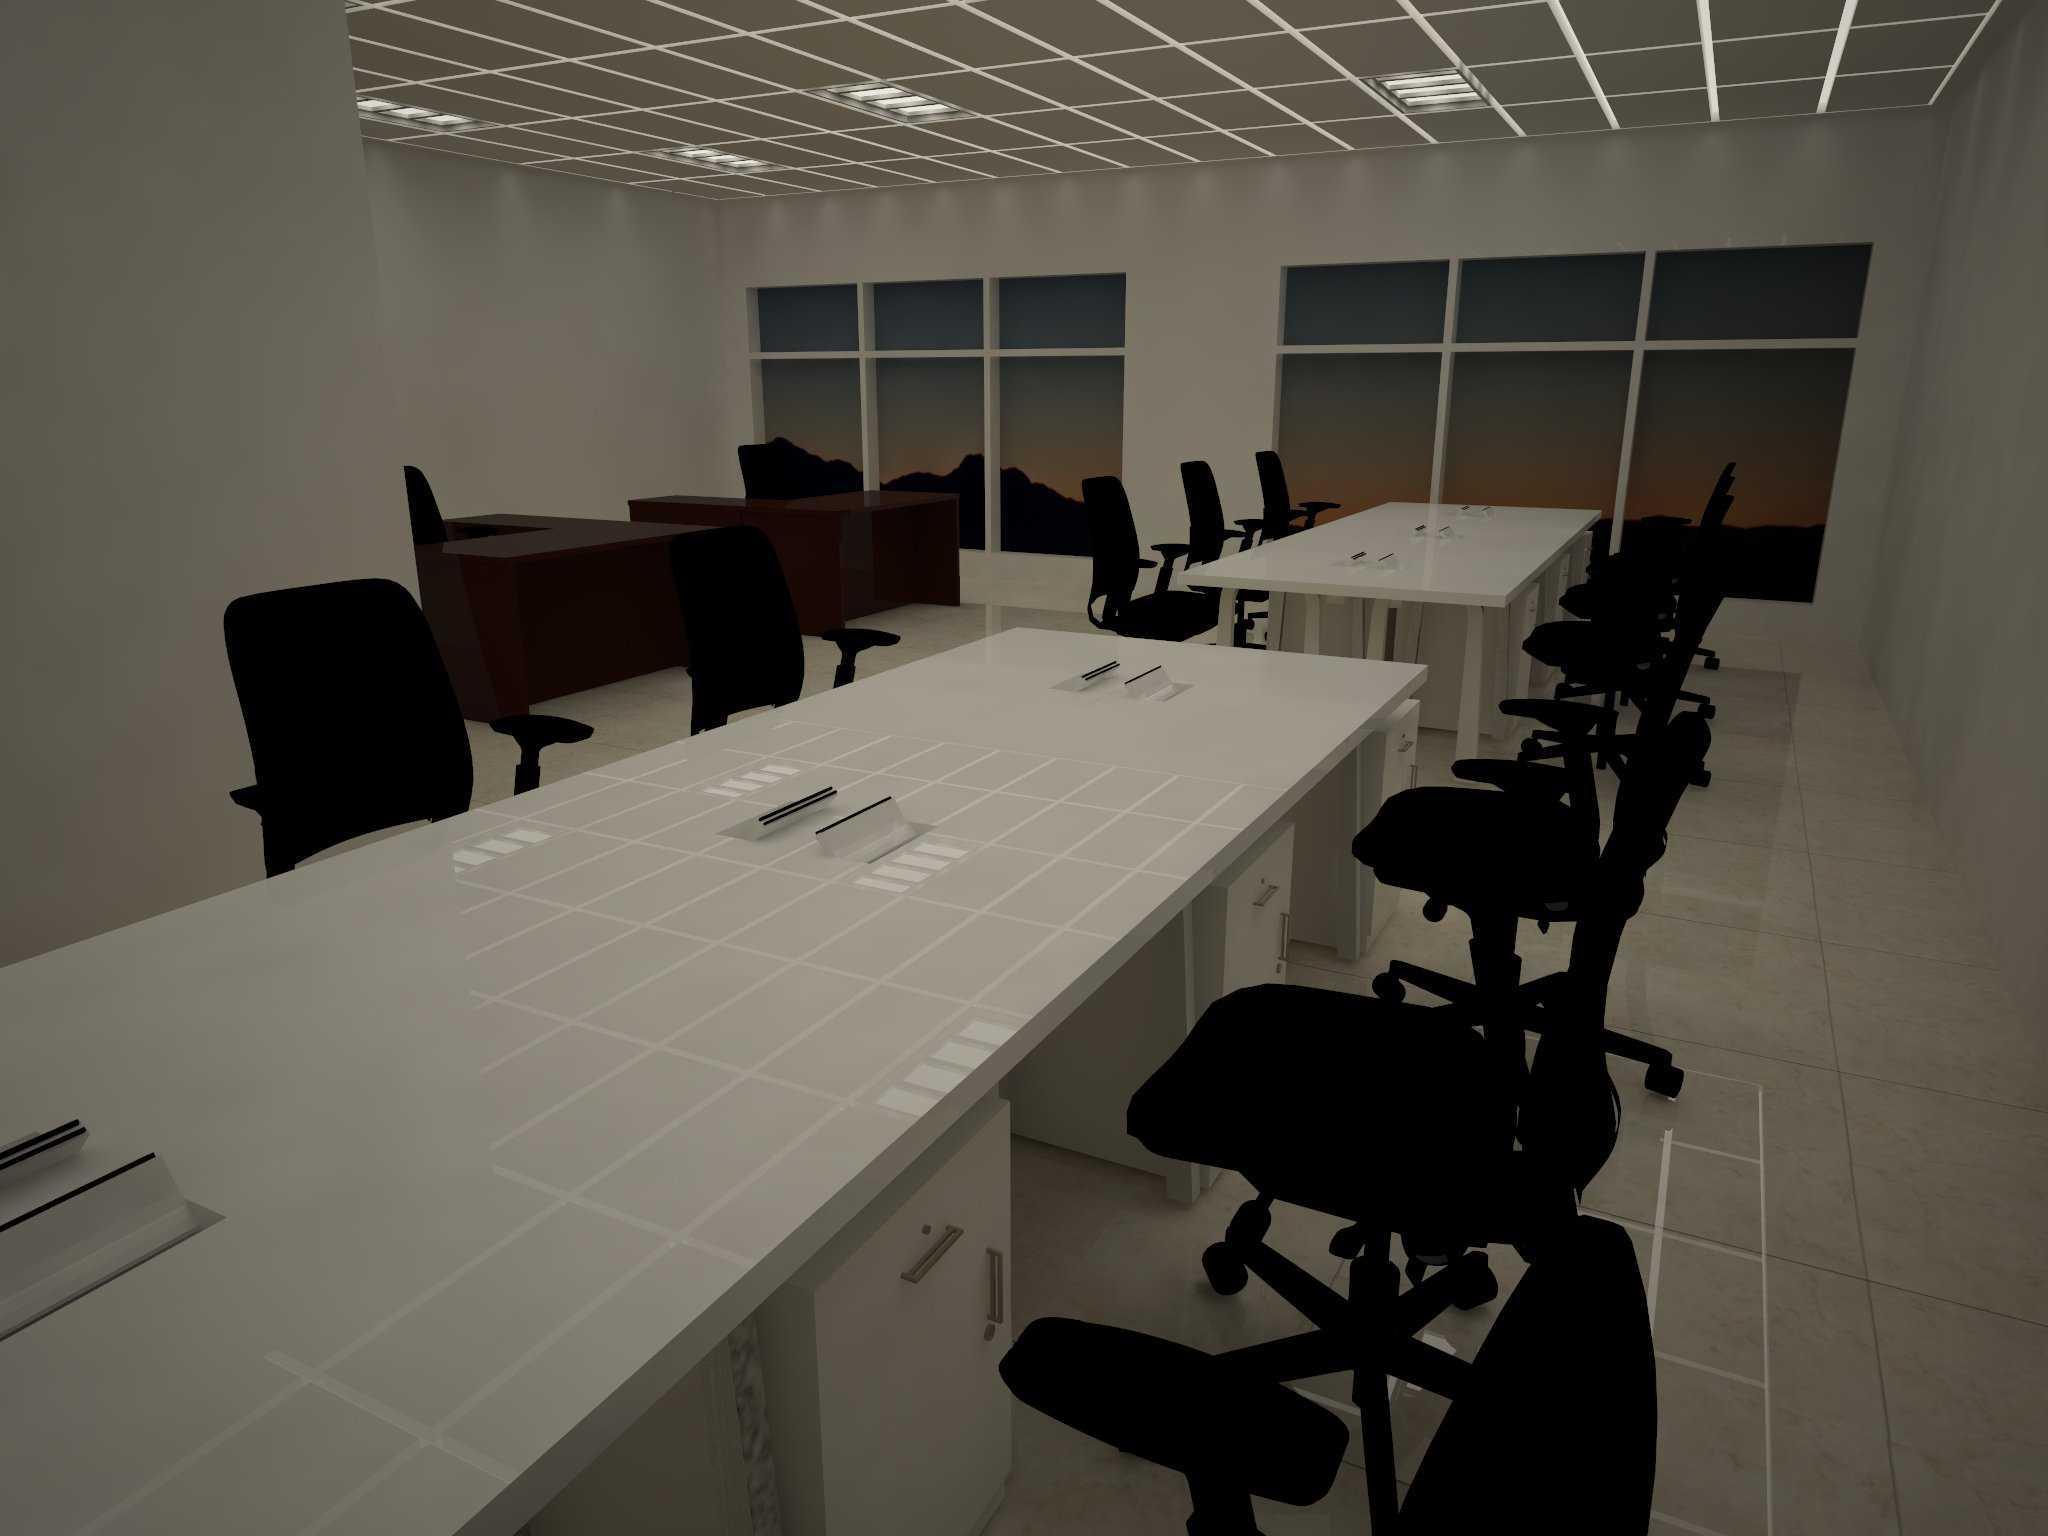 Jeffry Kurniawan Ruang Kantor Jakarta Pusat Jakarta Pusat Plan New Staff Area   18870